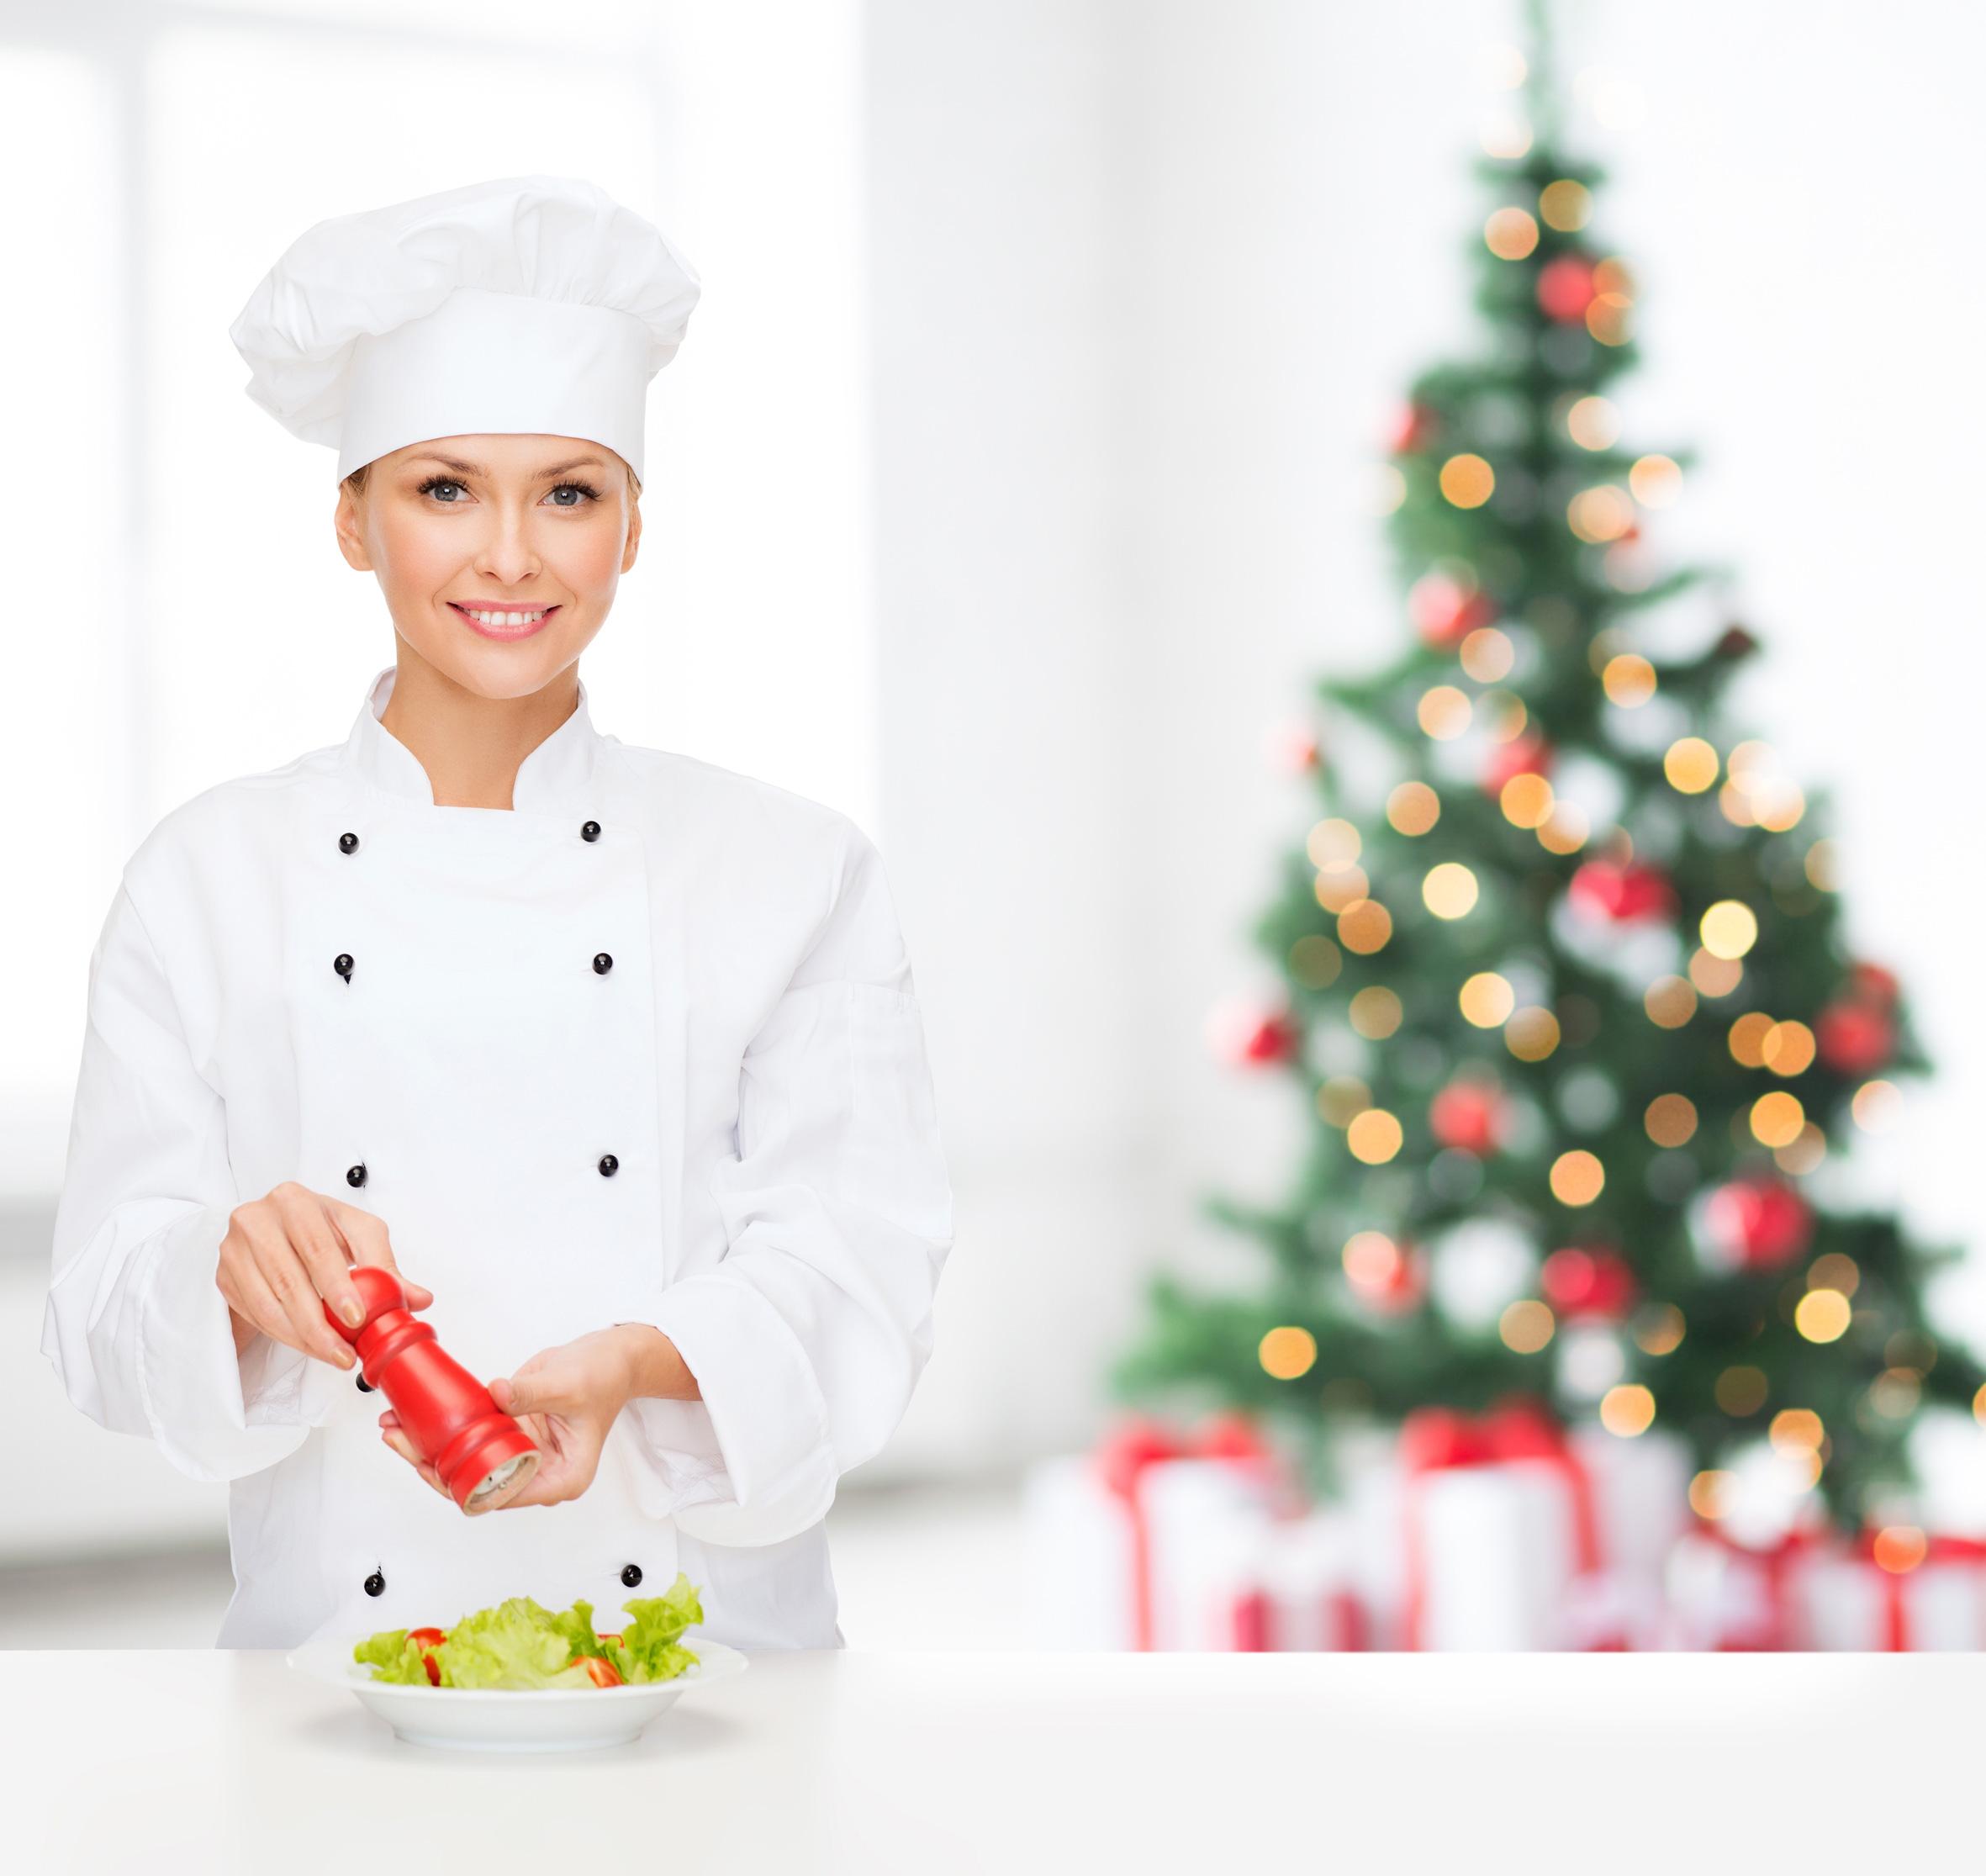 Comida sana Navidad